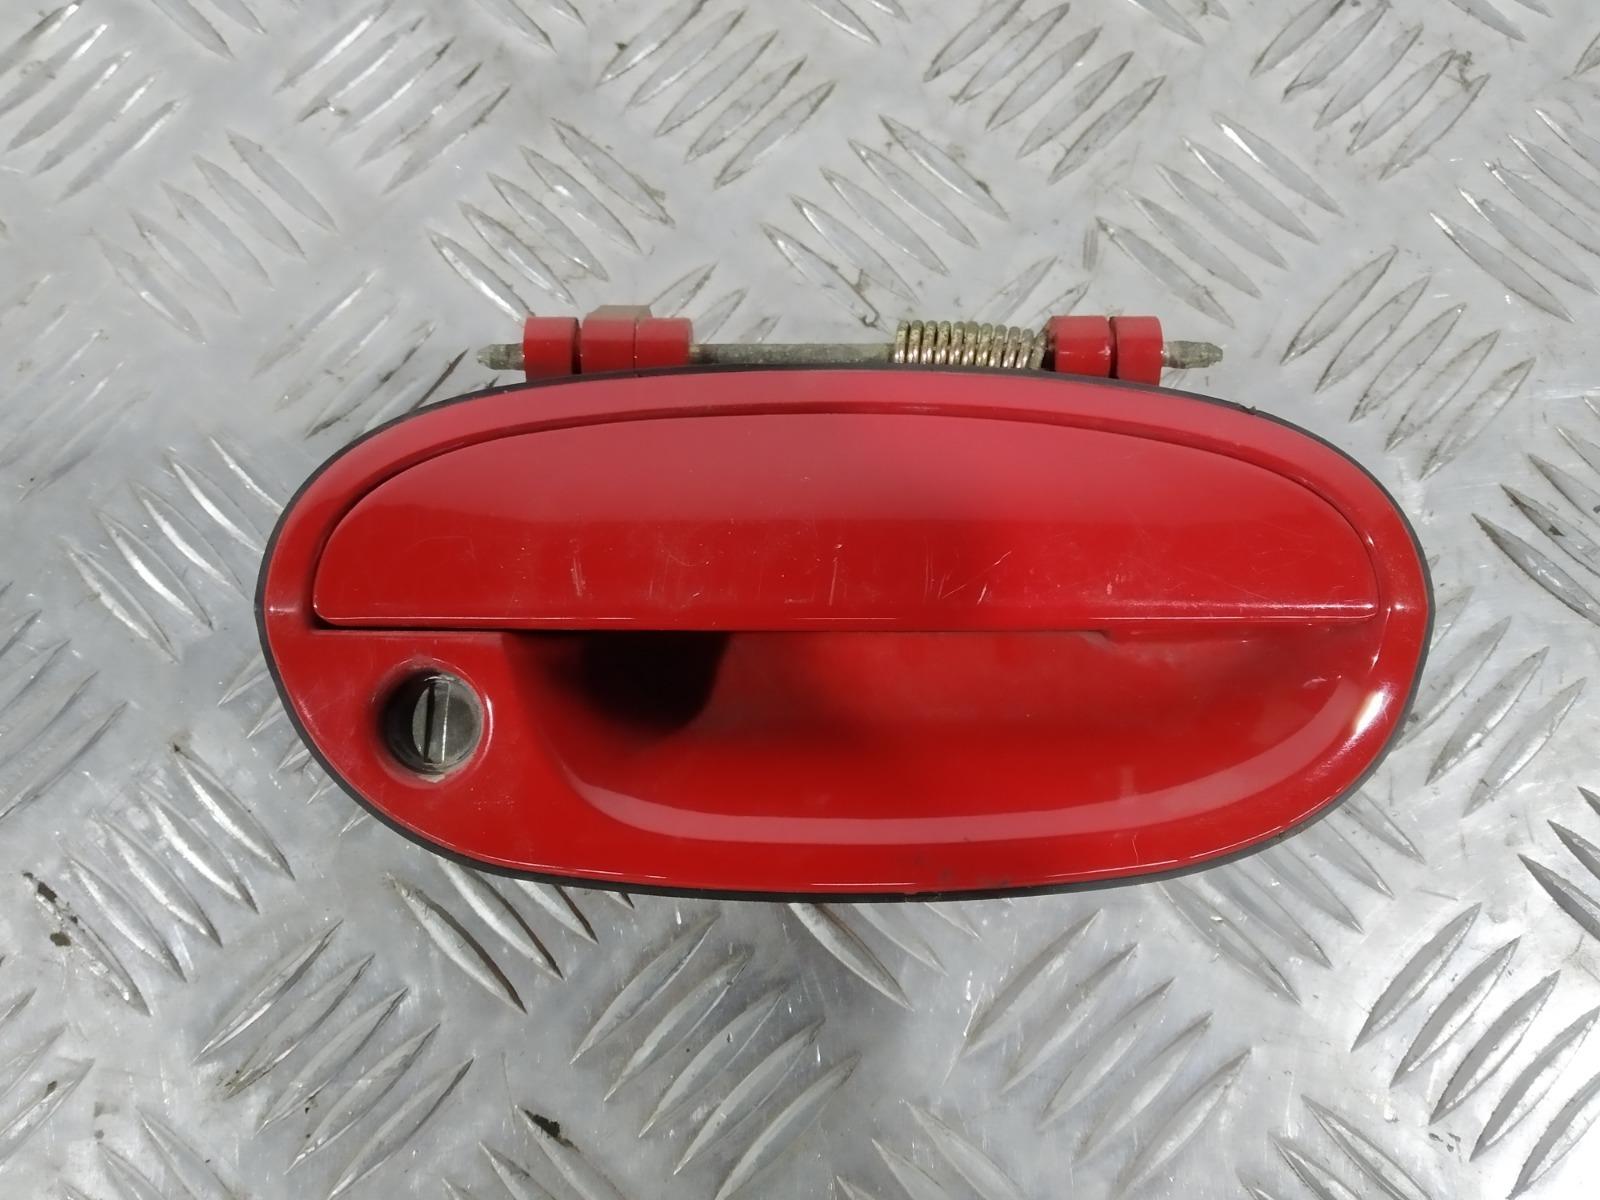 Ручка наружная передняя правая Chevrolet Matiz 1.0 I 2006 (б/у)